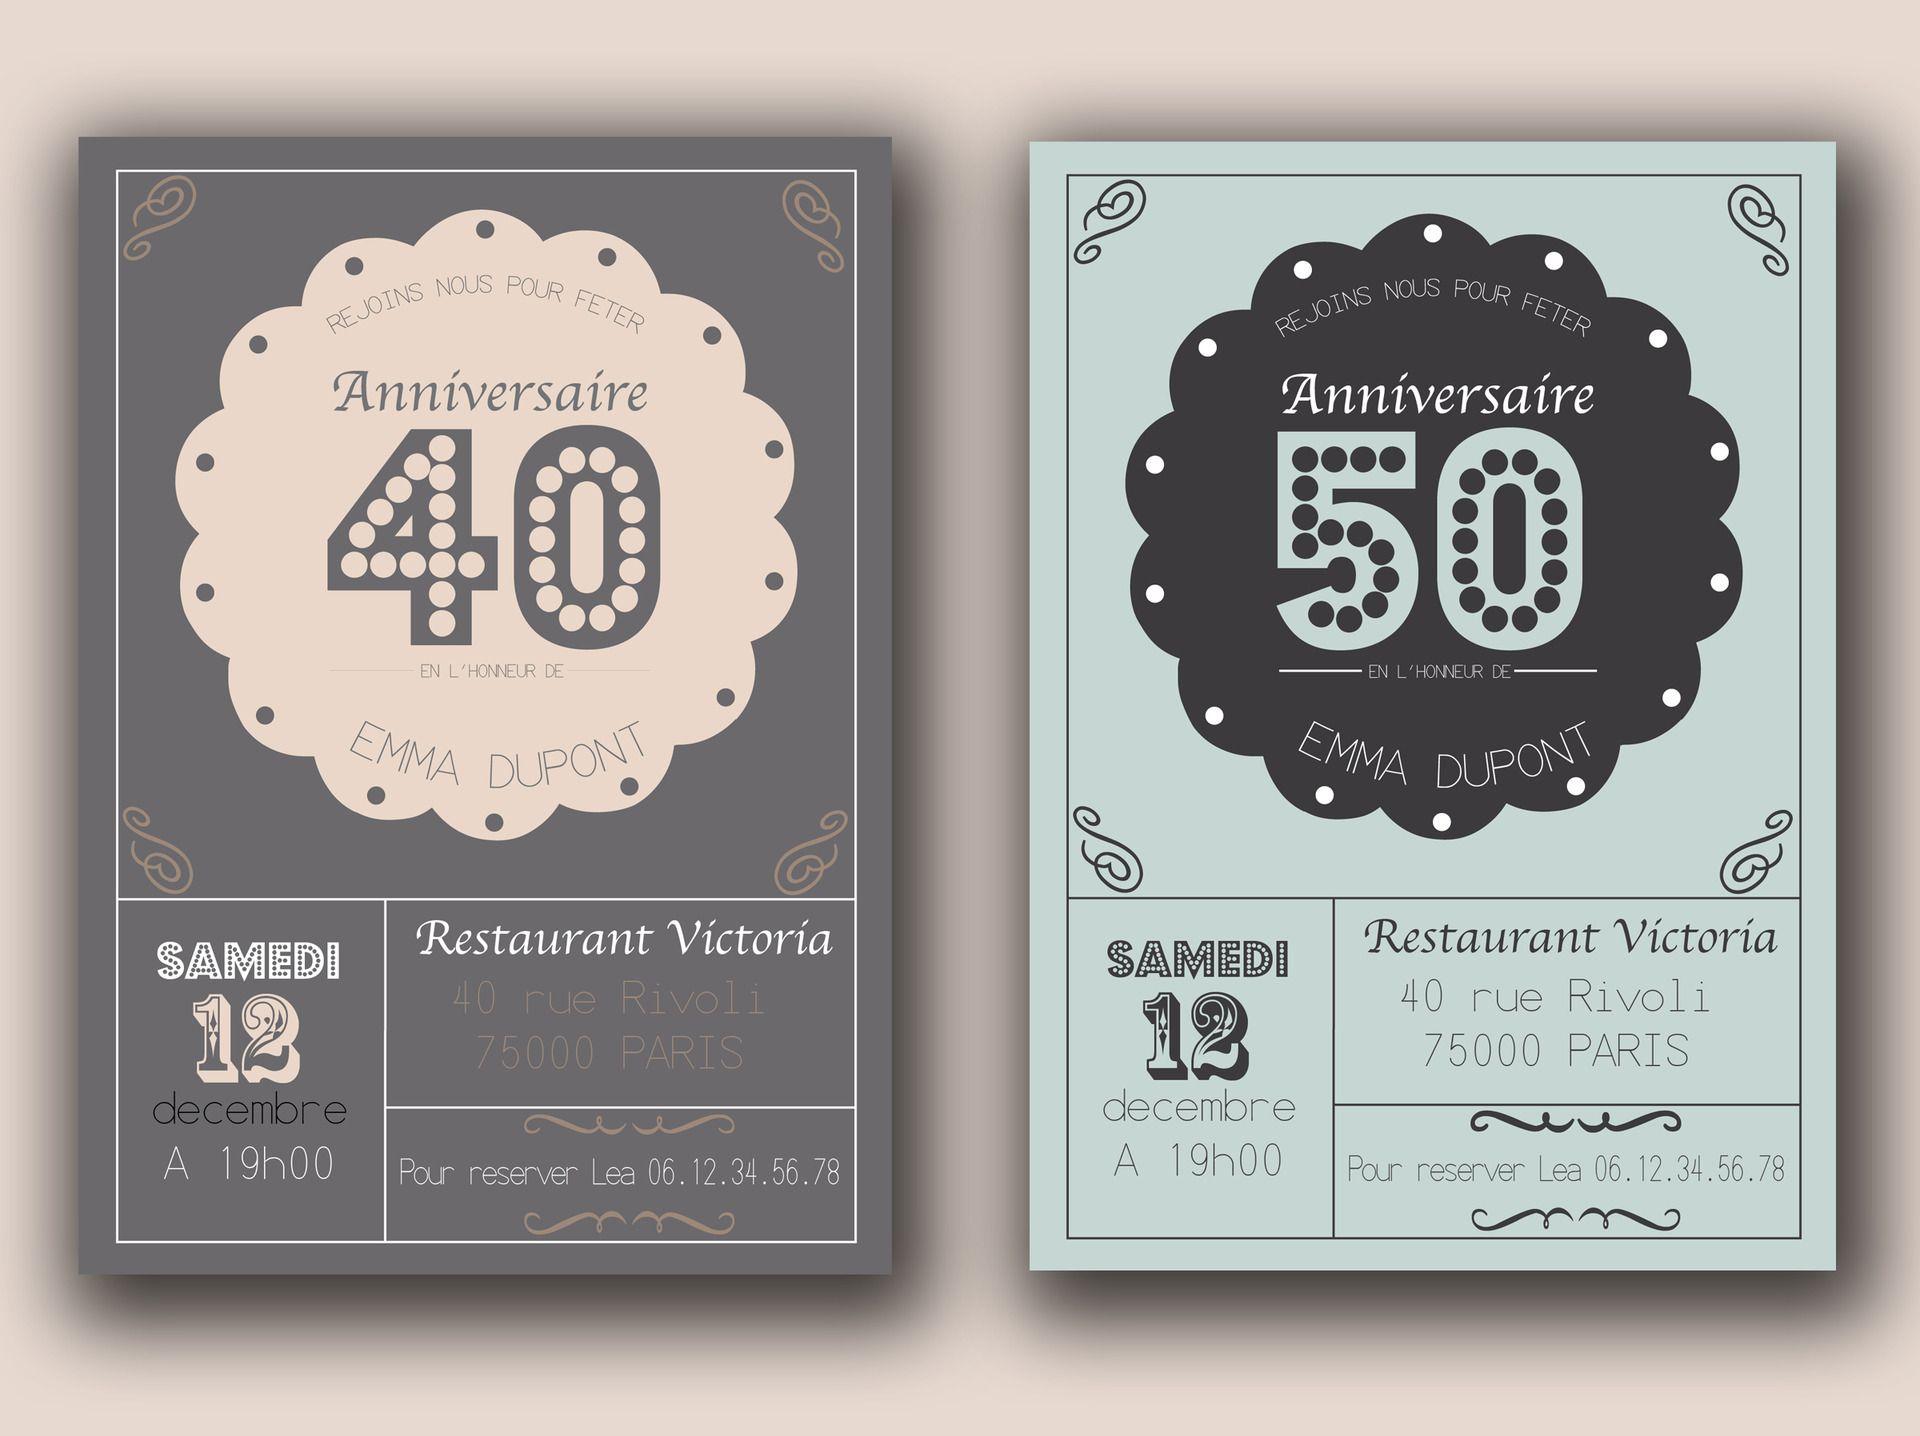 Connu Faire part invitation anniversaire design vintage - personnalisé  TG55